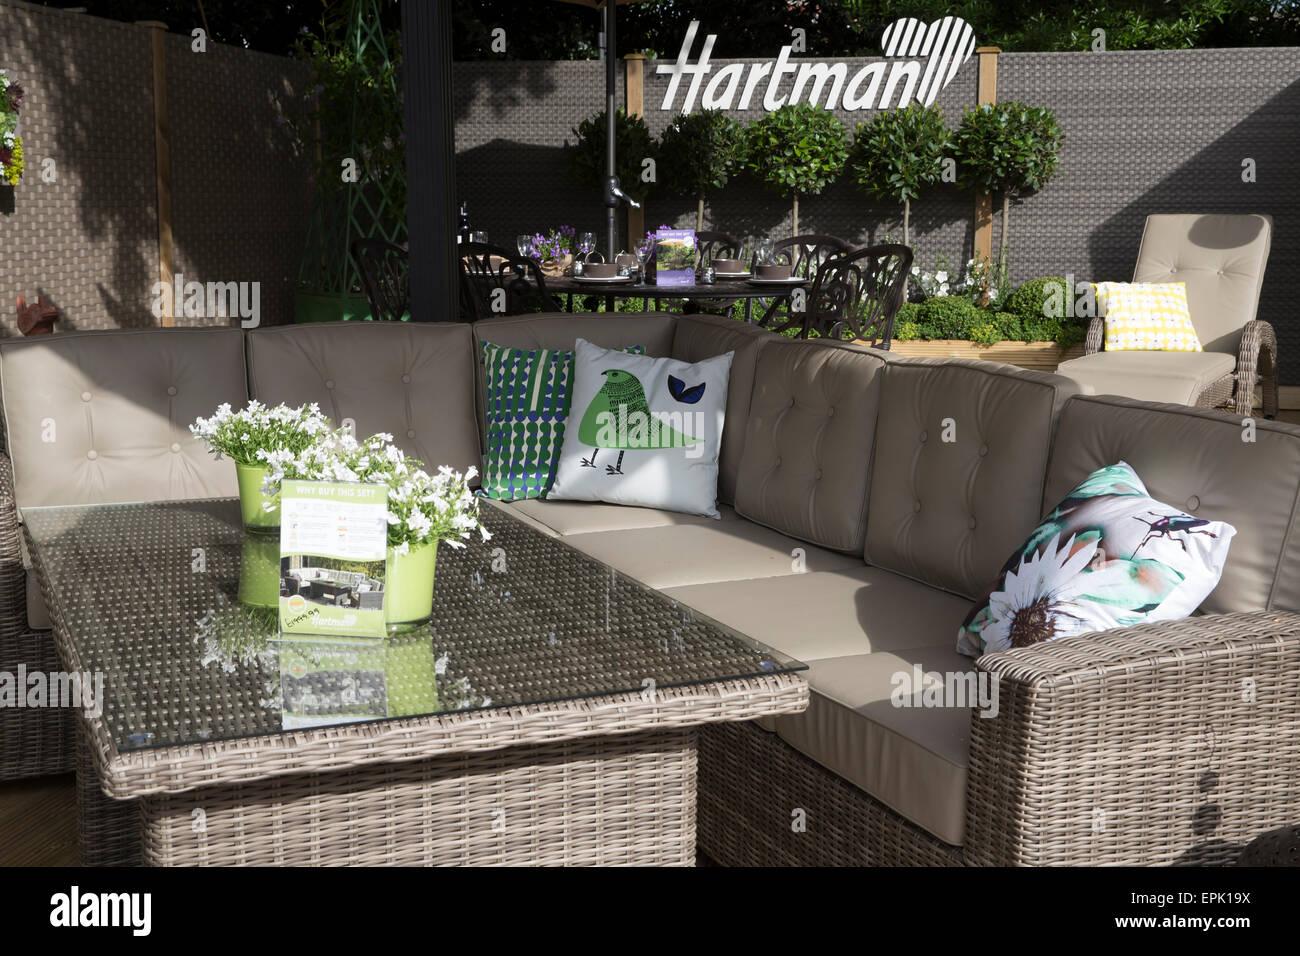 Garden Furniture For Sale Imágenes De Stock & Garden Furniture For ...